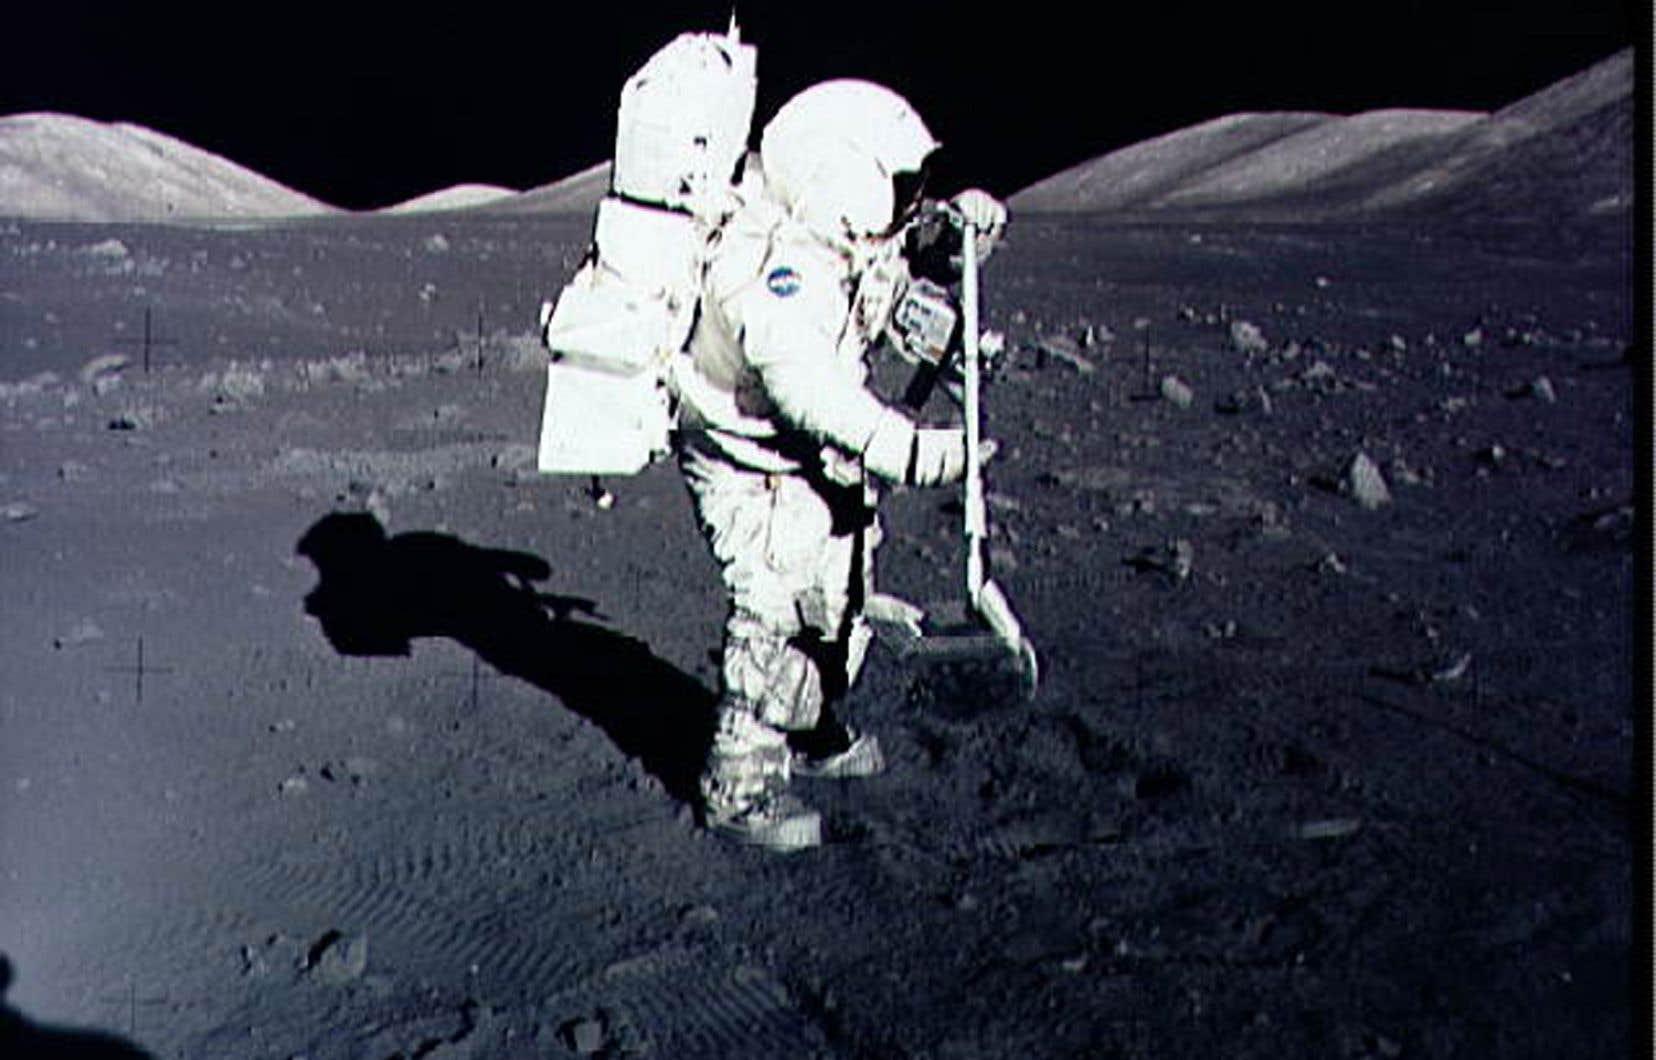 L'astronaute Harrison Schmitt recueille des échantillons de roches lunaires au site d'atterrissage Taurus-Littrow sur la Lune pendant la mission Apollo 17, en 1972.